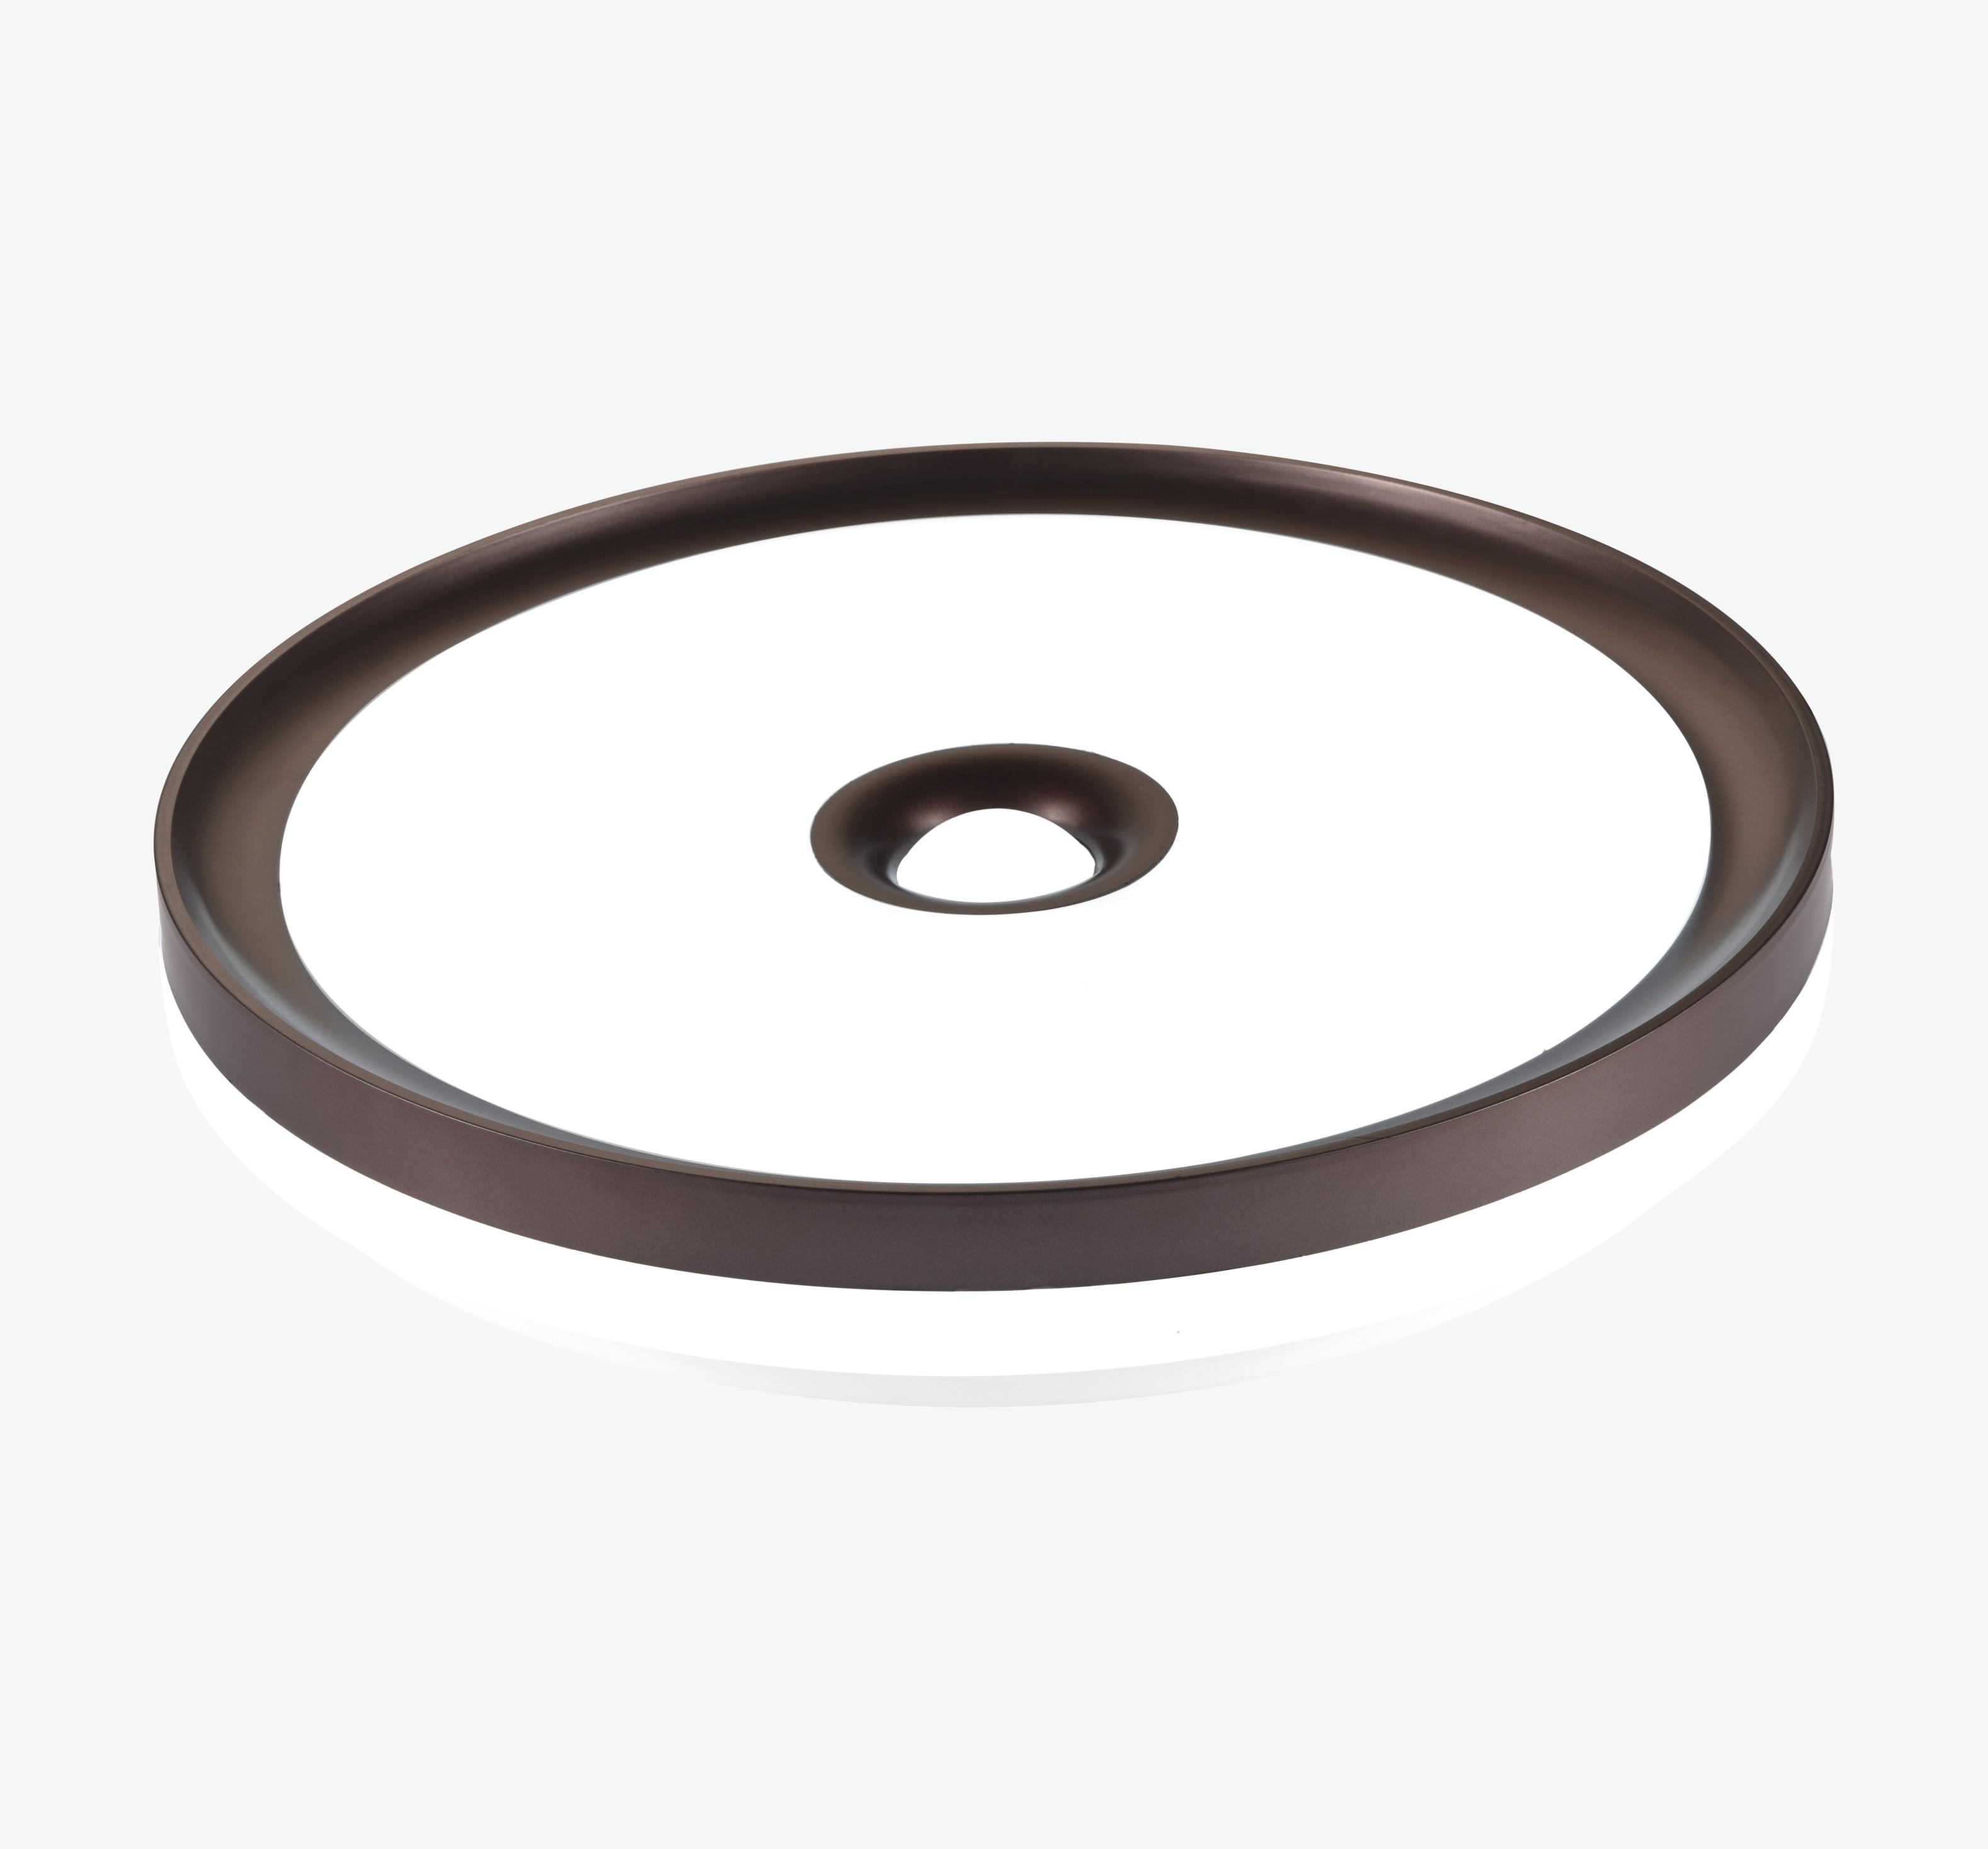 LED现代简约圆中圆棕色外圈吸顶灯